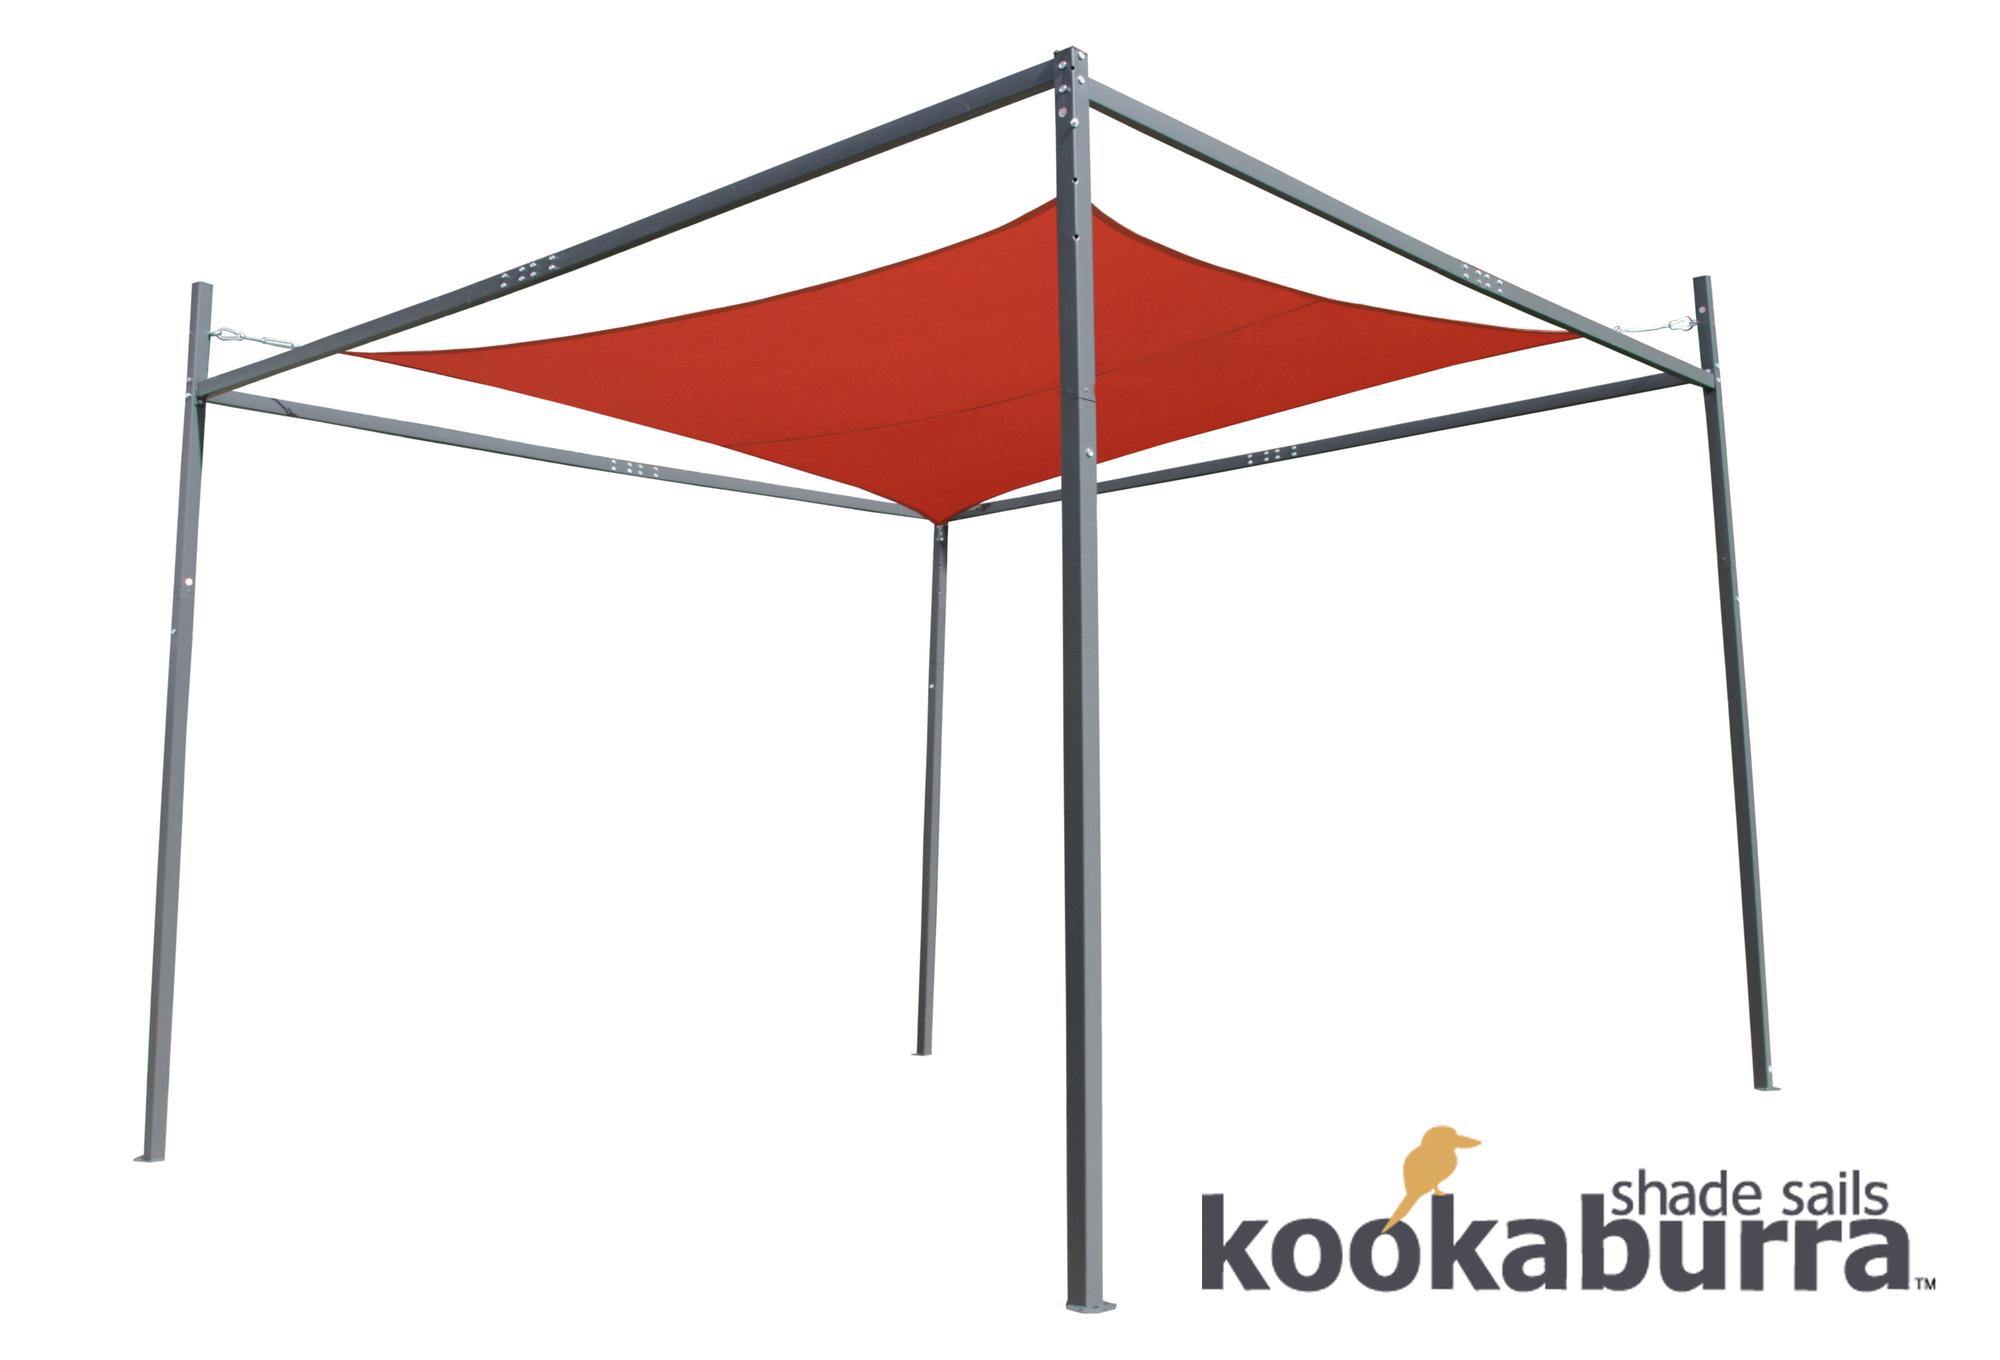 Estructura para toldos vela kookaburra x x 2 - Estructura para toldo enrollable ...